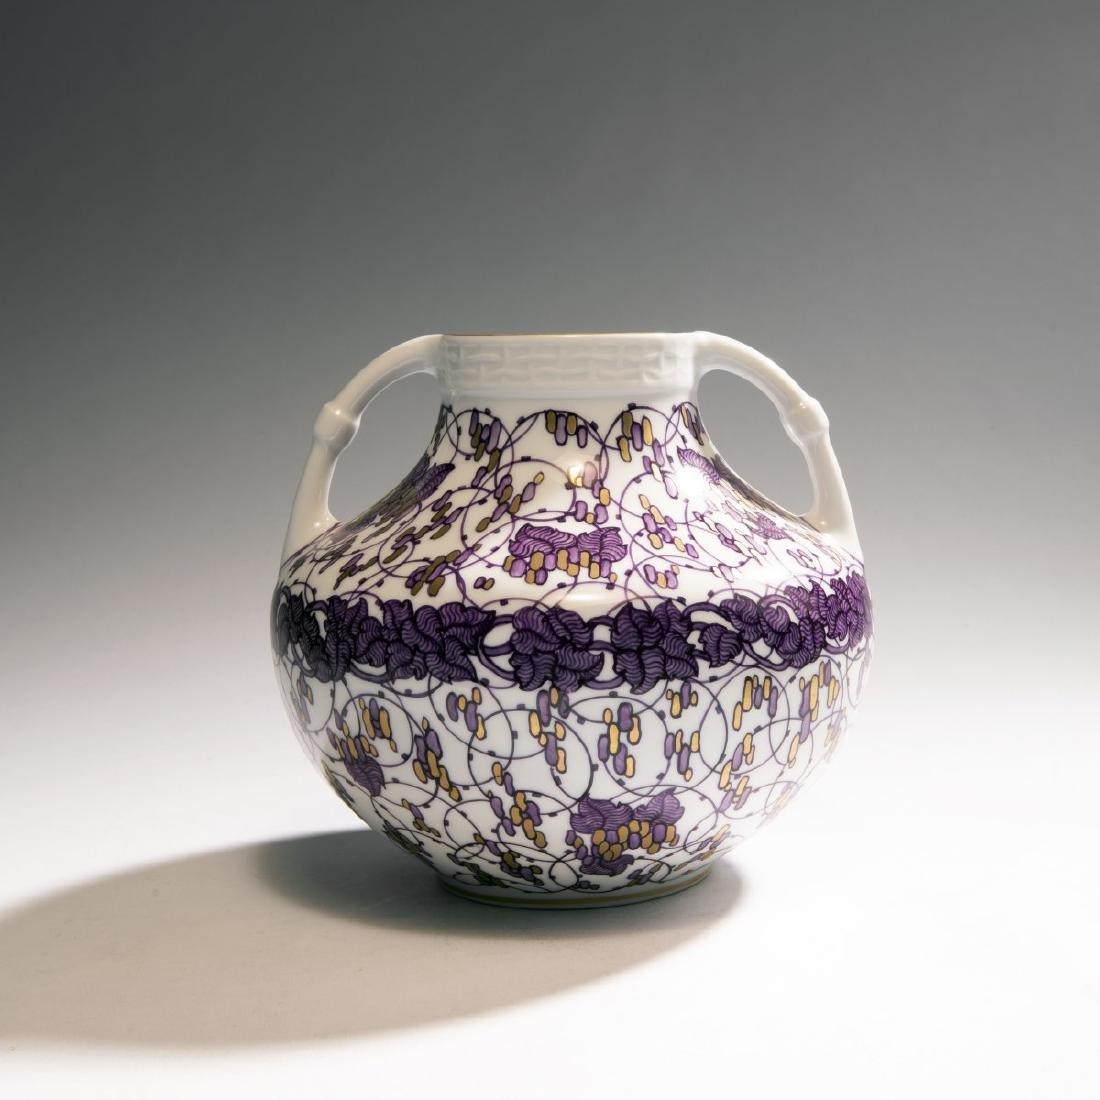 Adelbert Niemeyer, '874' vase, 1907